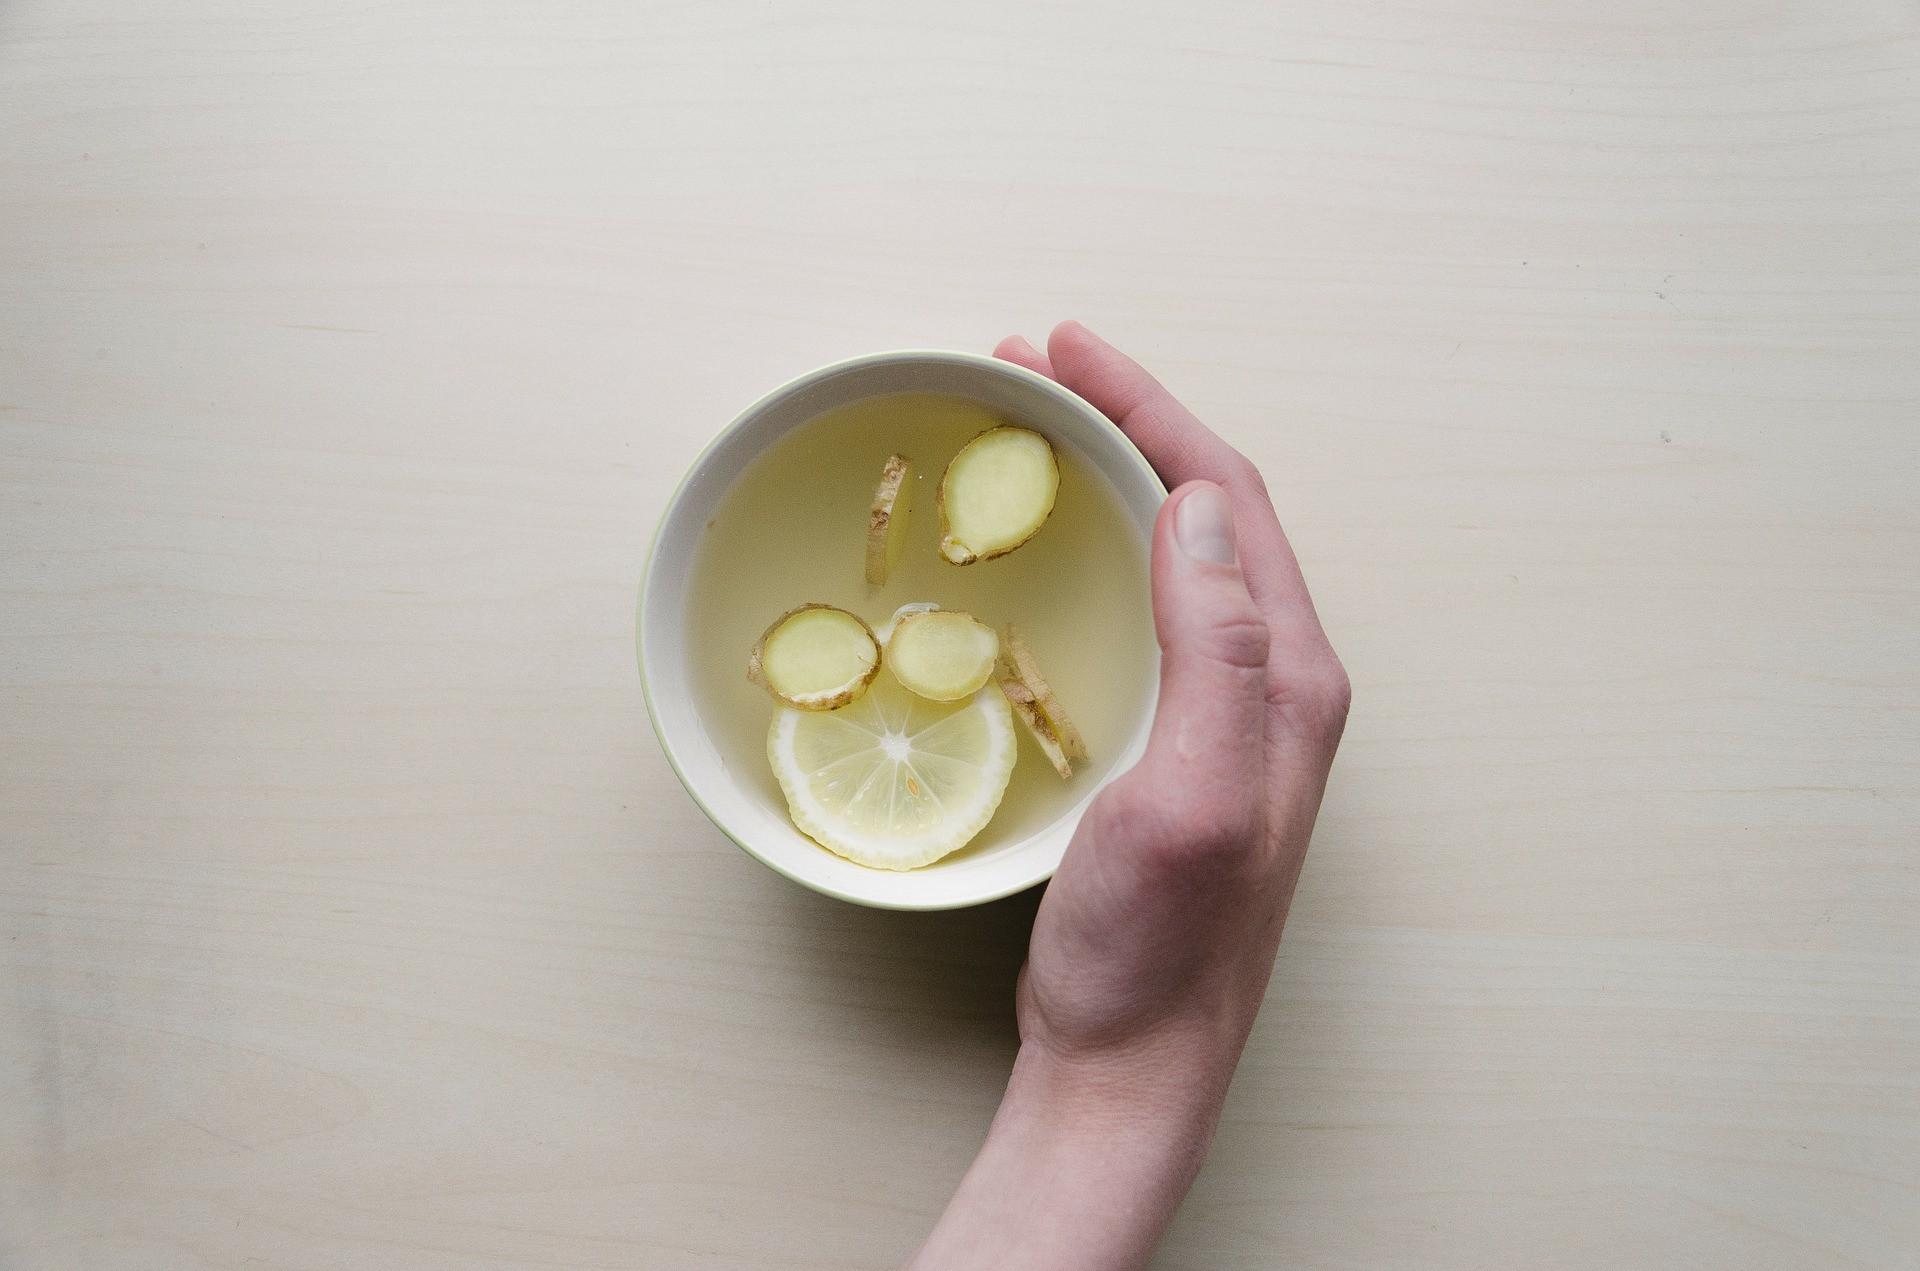 7 Manfaat Air Rebusan Jahe dan Serai, Nomor 3 Baik untuk Turunkan Kolesterol - JPNN.com